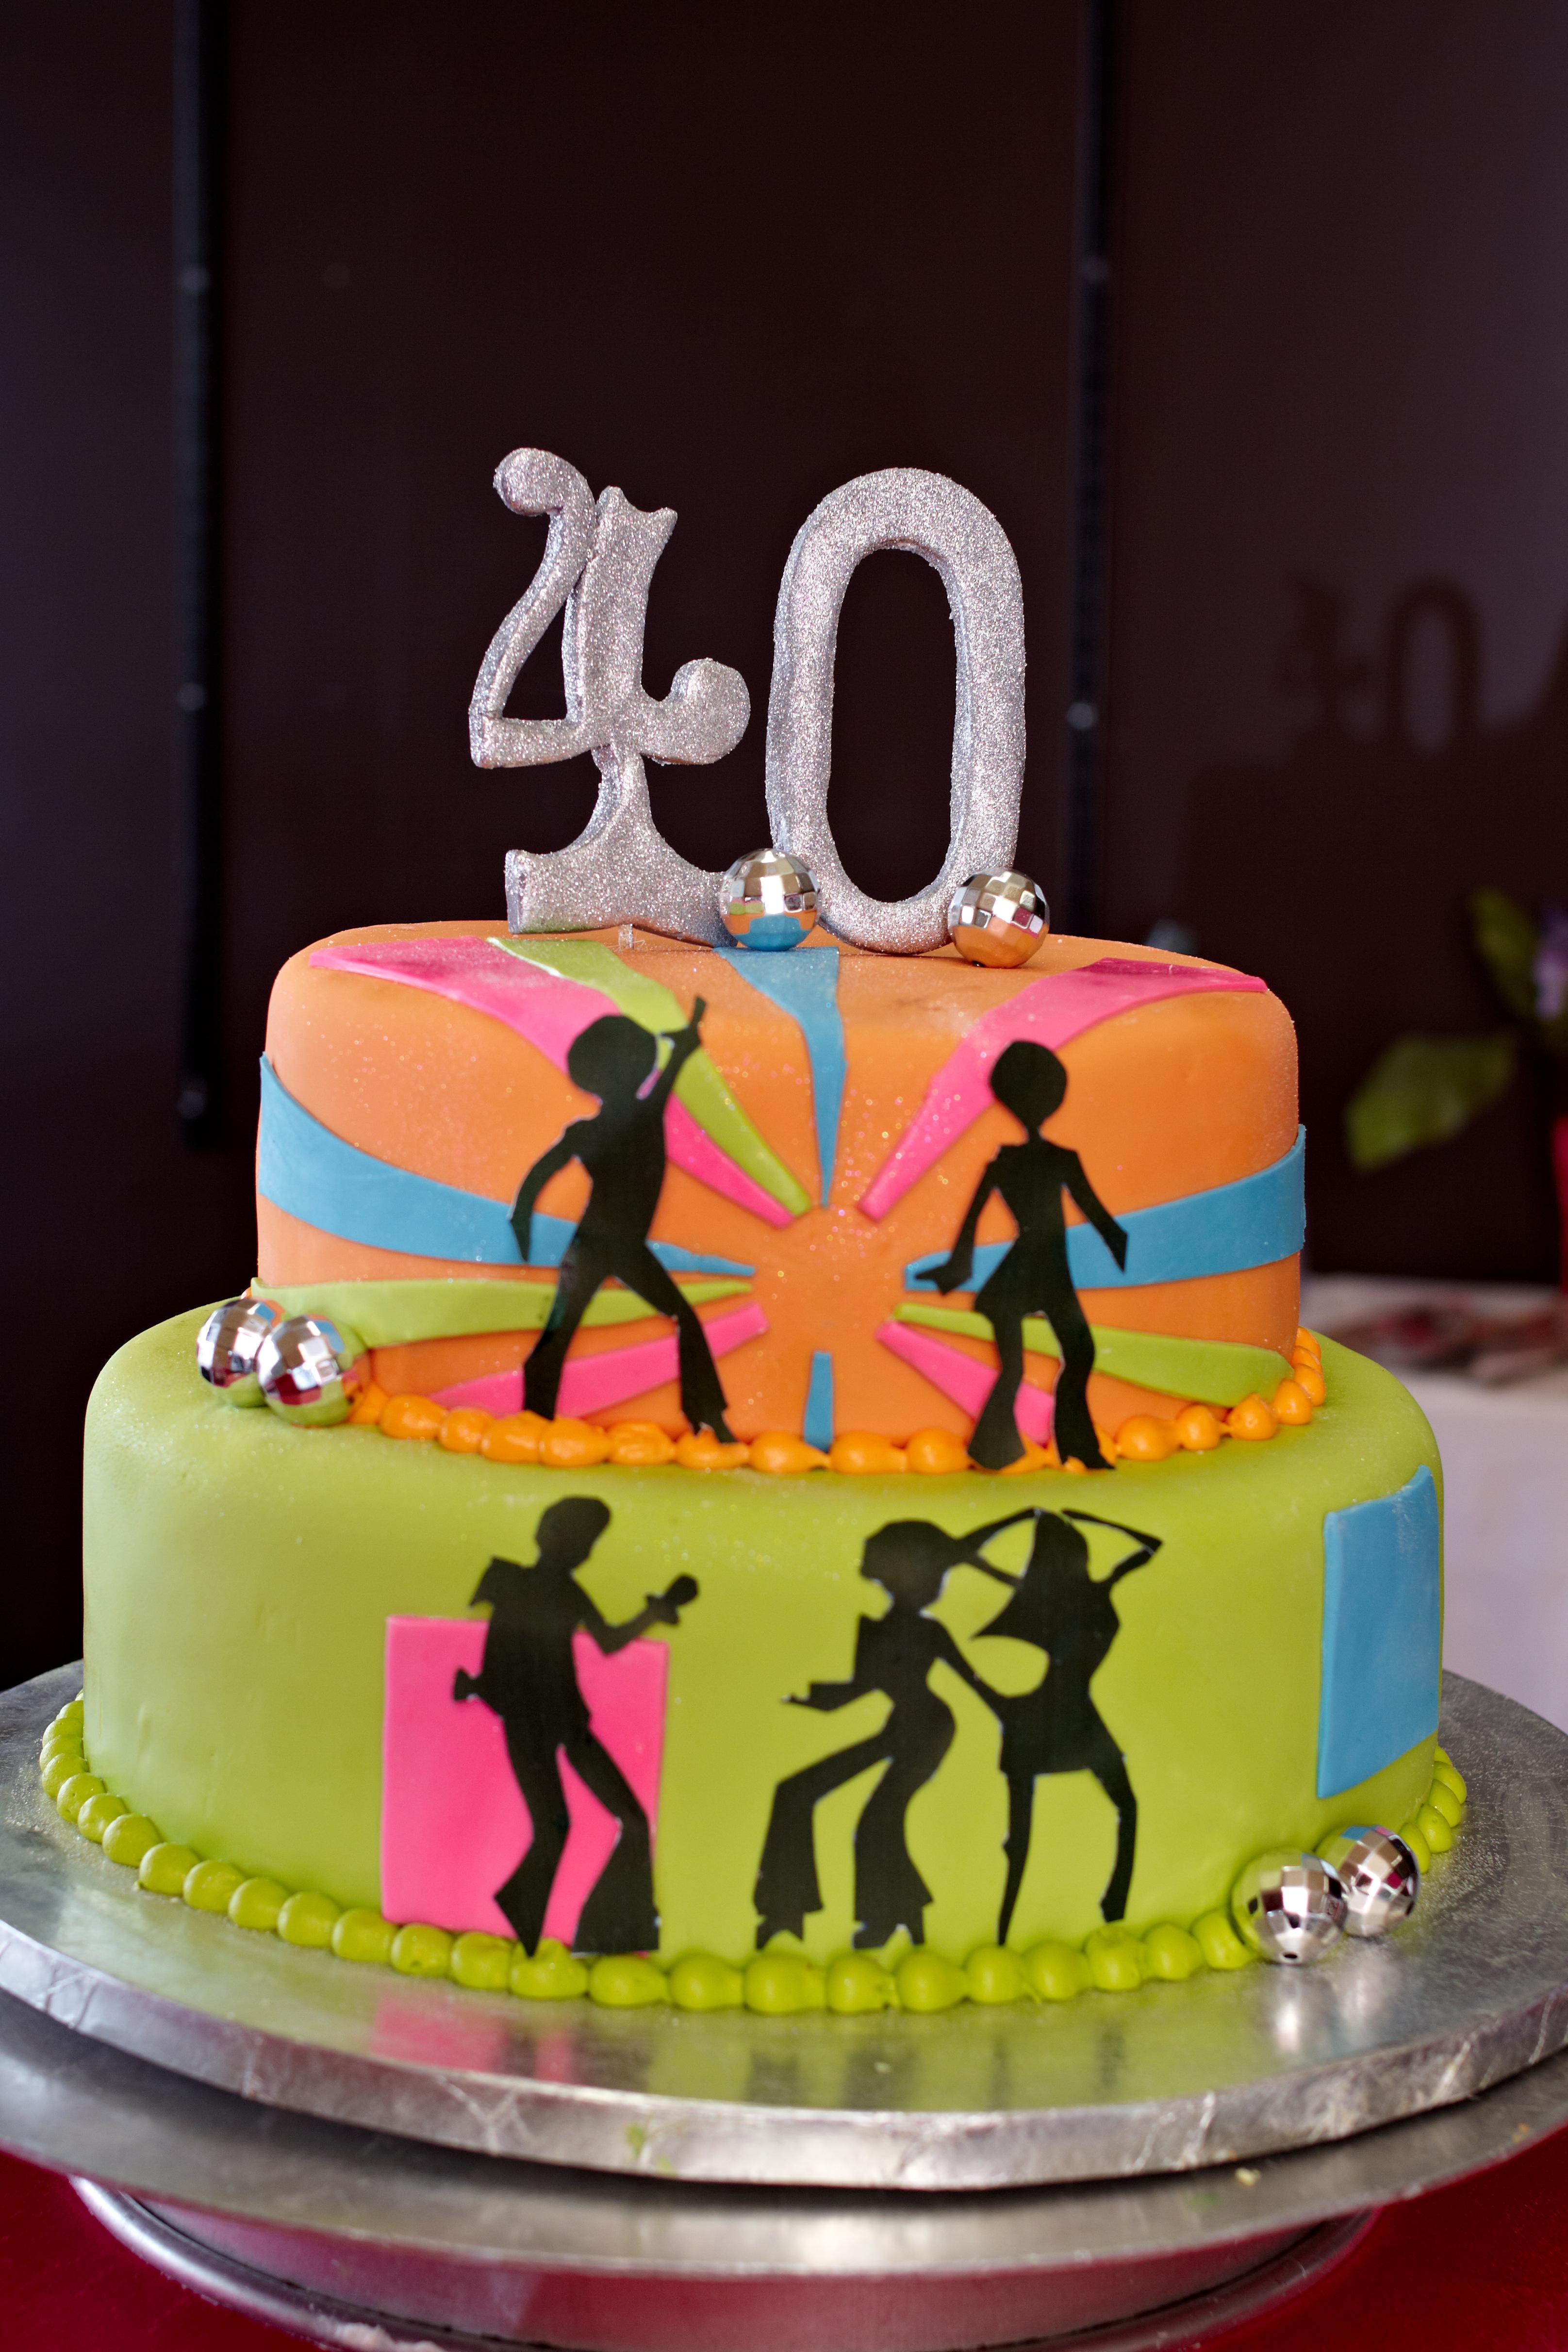 Sweet Birthday Cakes